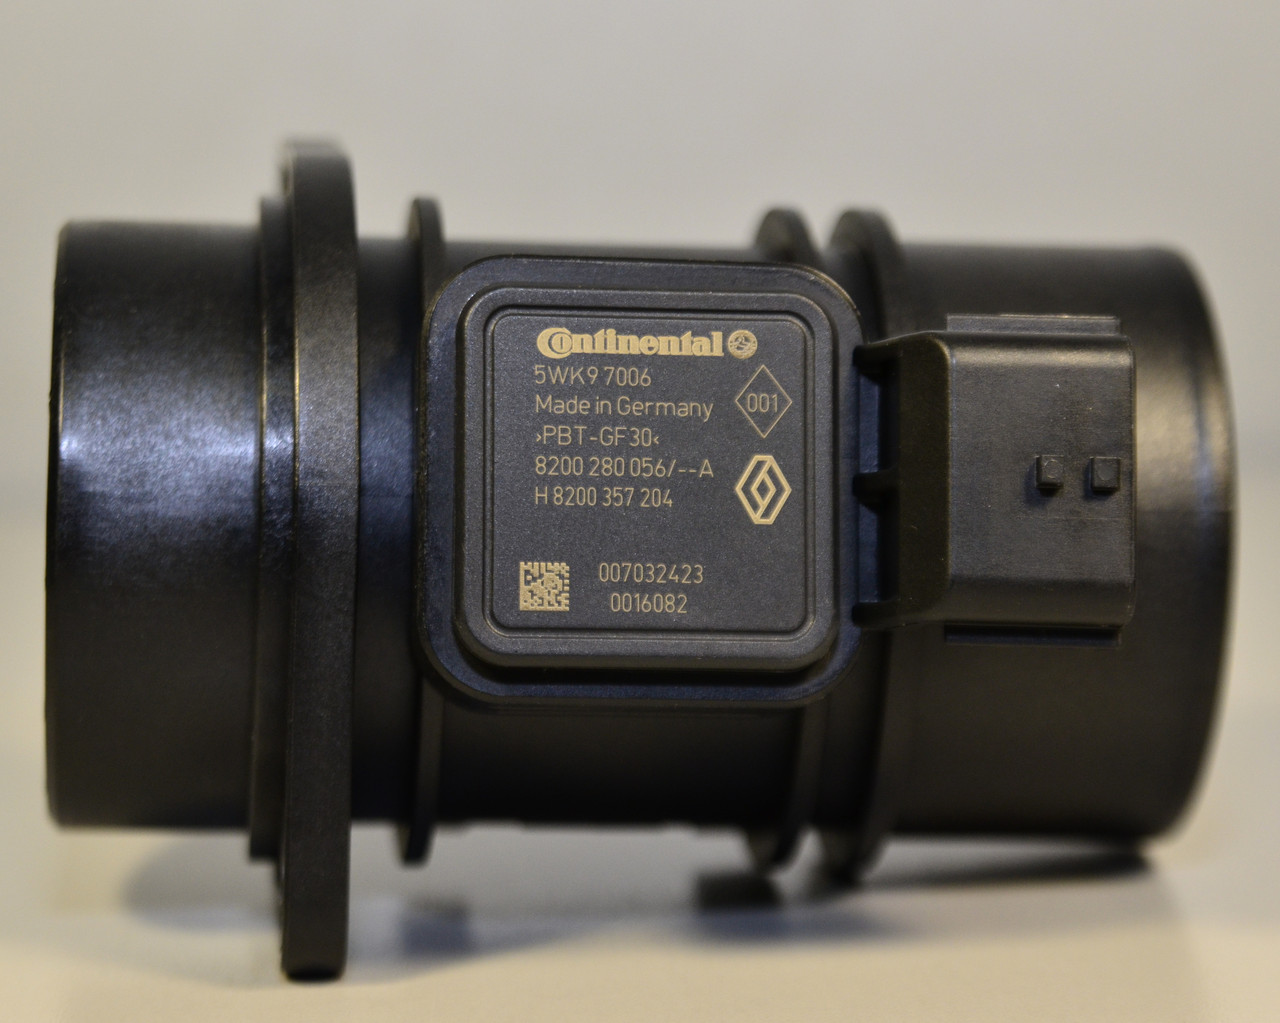 Датчик массового расхода воздуха (расходомер воздуха) 1.5dCi - Renault (Оригинал без упаковки) — 8200280056J